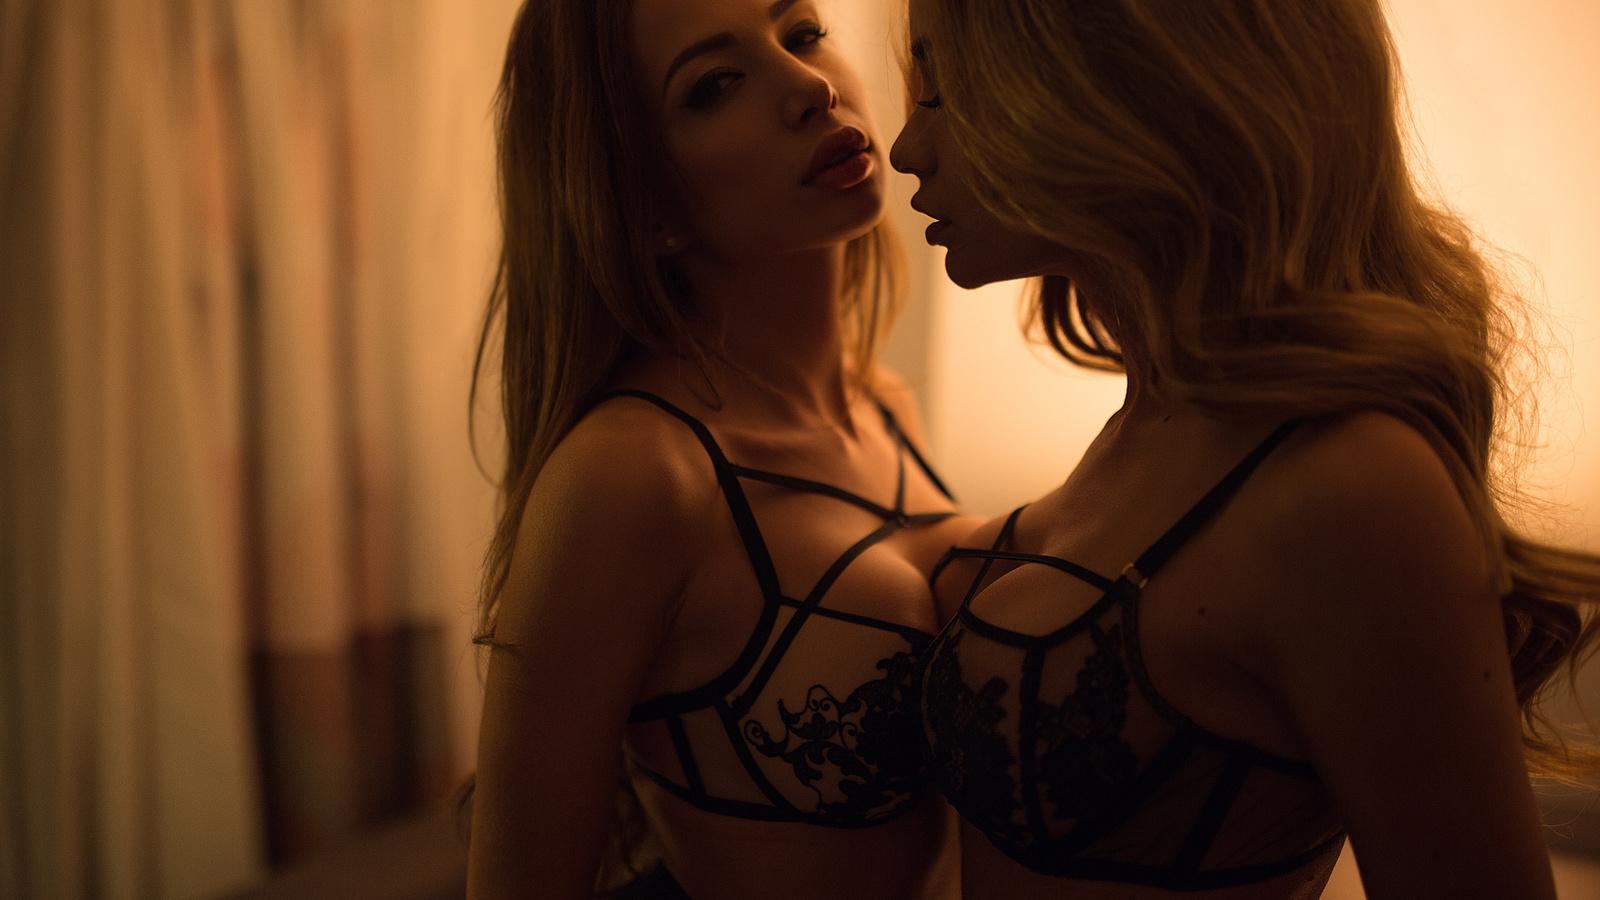 Пригласили подругу для секса, Секс Пригласили Подругу (найденопорно видео.) 21 фотография